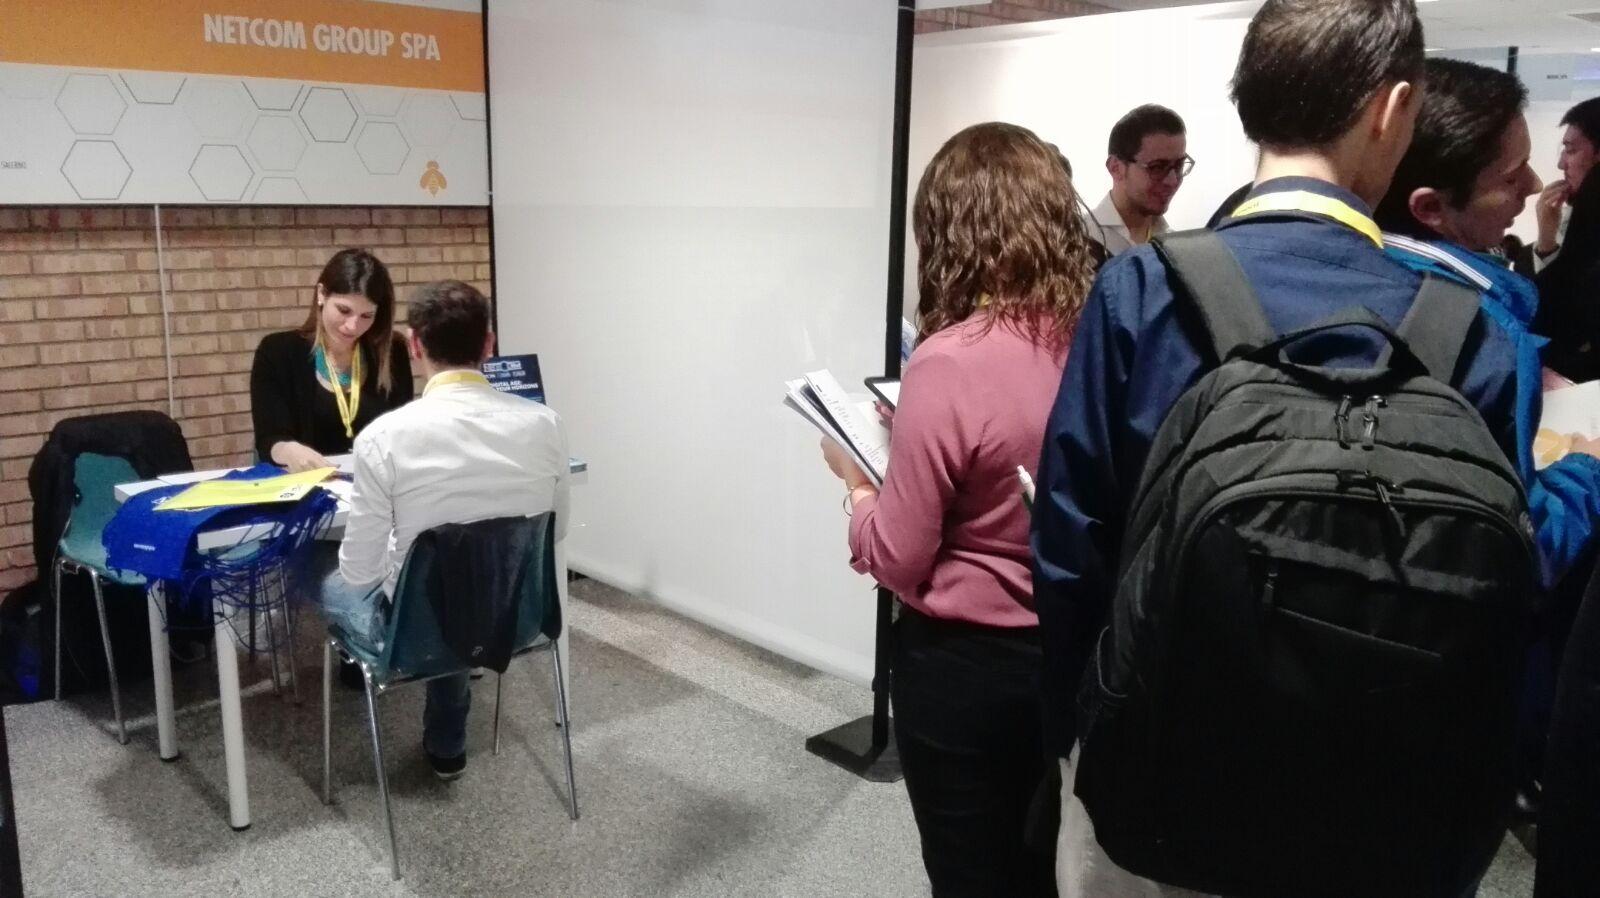 UNIVERSITÀ DI SALERNO: JOB IN CAMPUS 2017, GRANDE INTERESSE DEGLI STUDENTI PER LE ATTIVITÀ DI NETCOM GROUP